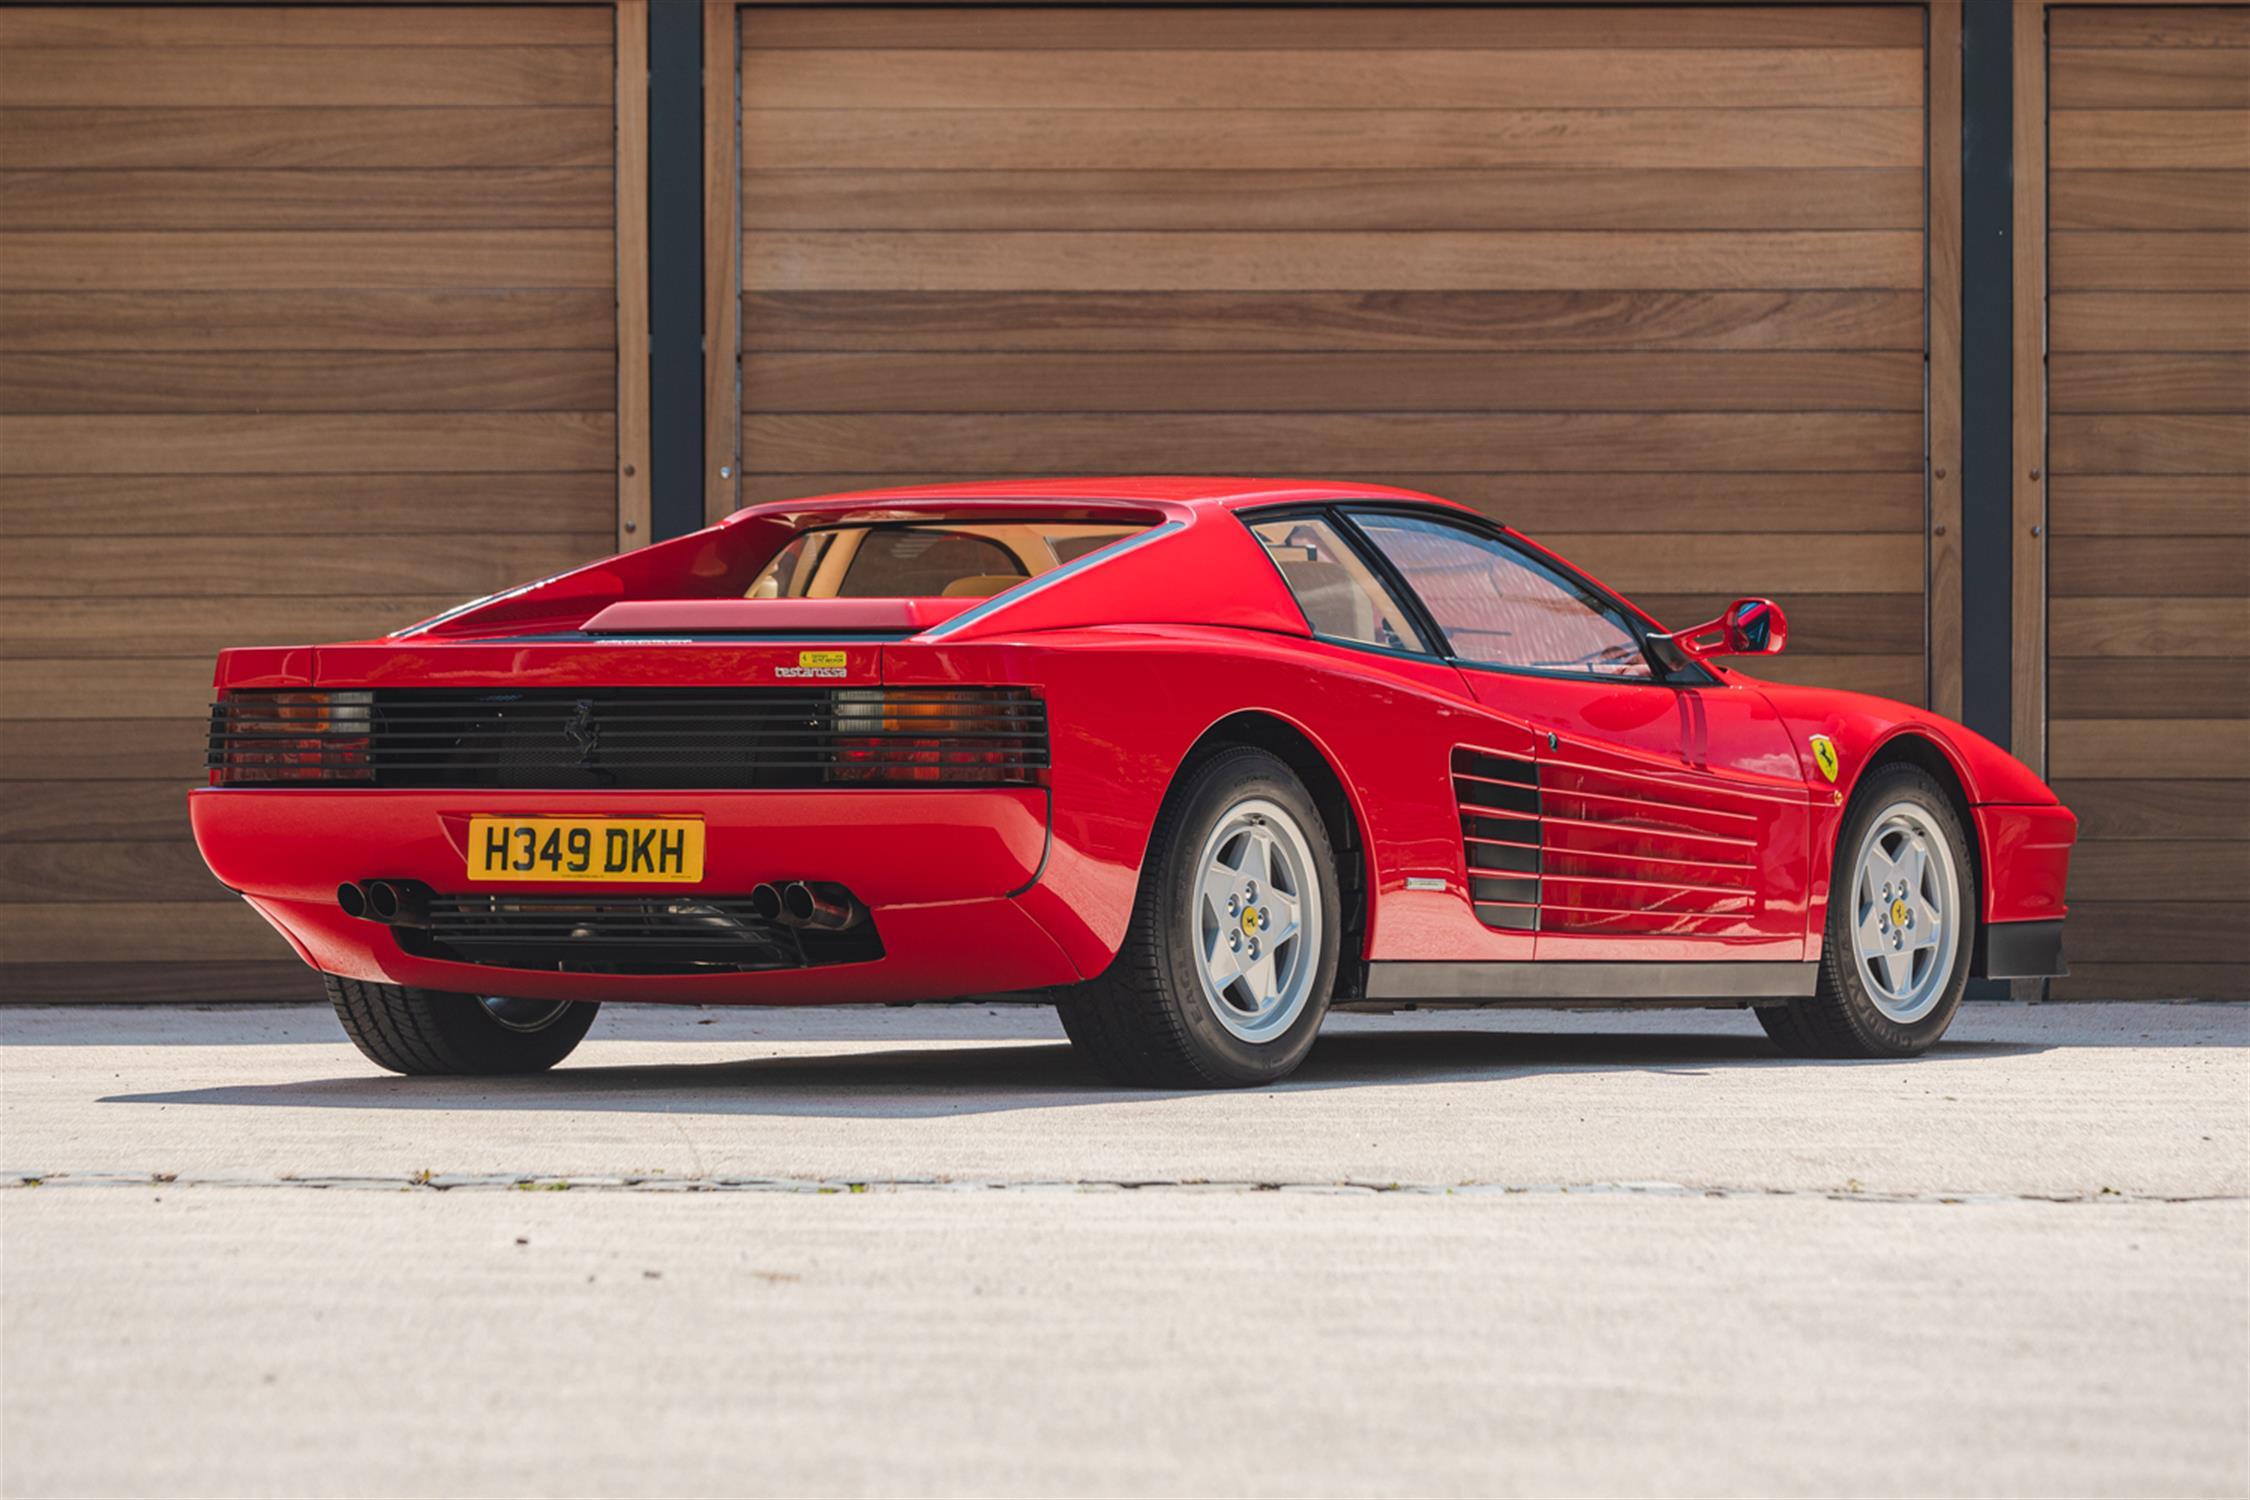 1991 Ferrari Testarossa - 1,829 Kilometres From New & Classiche'd - Image 10 of 15